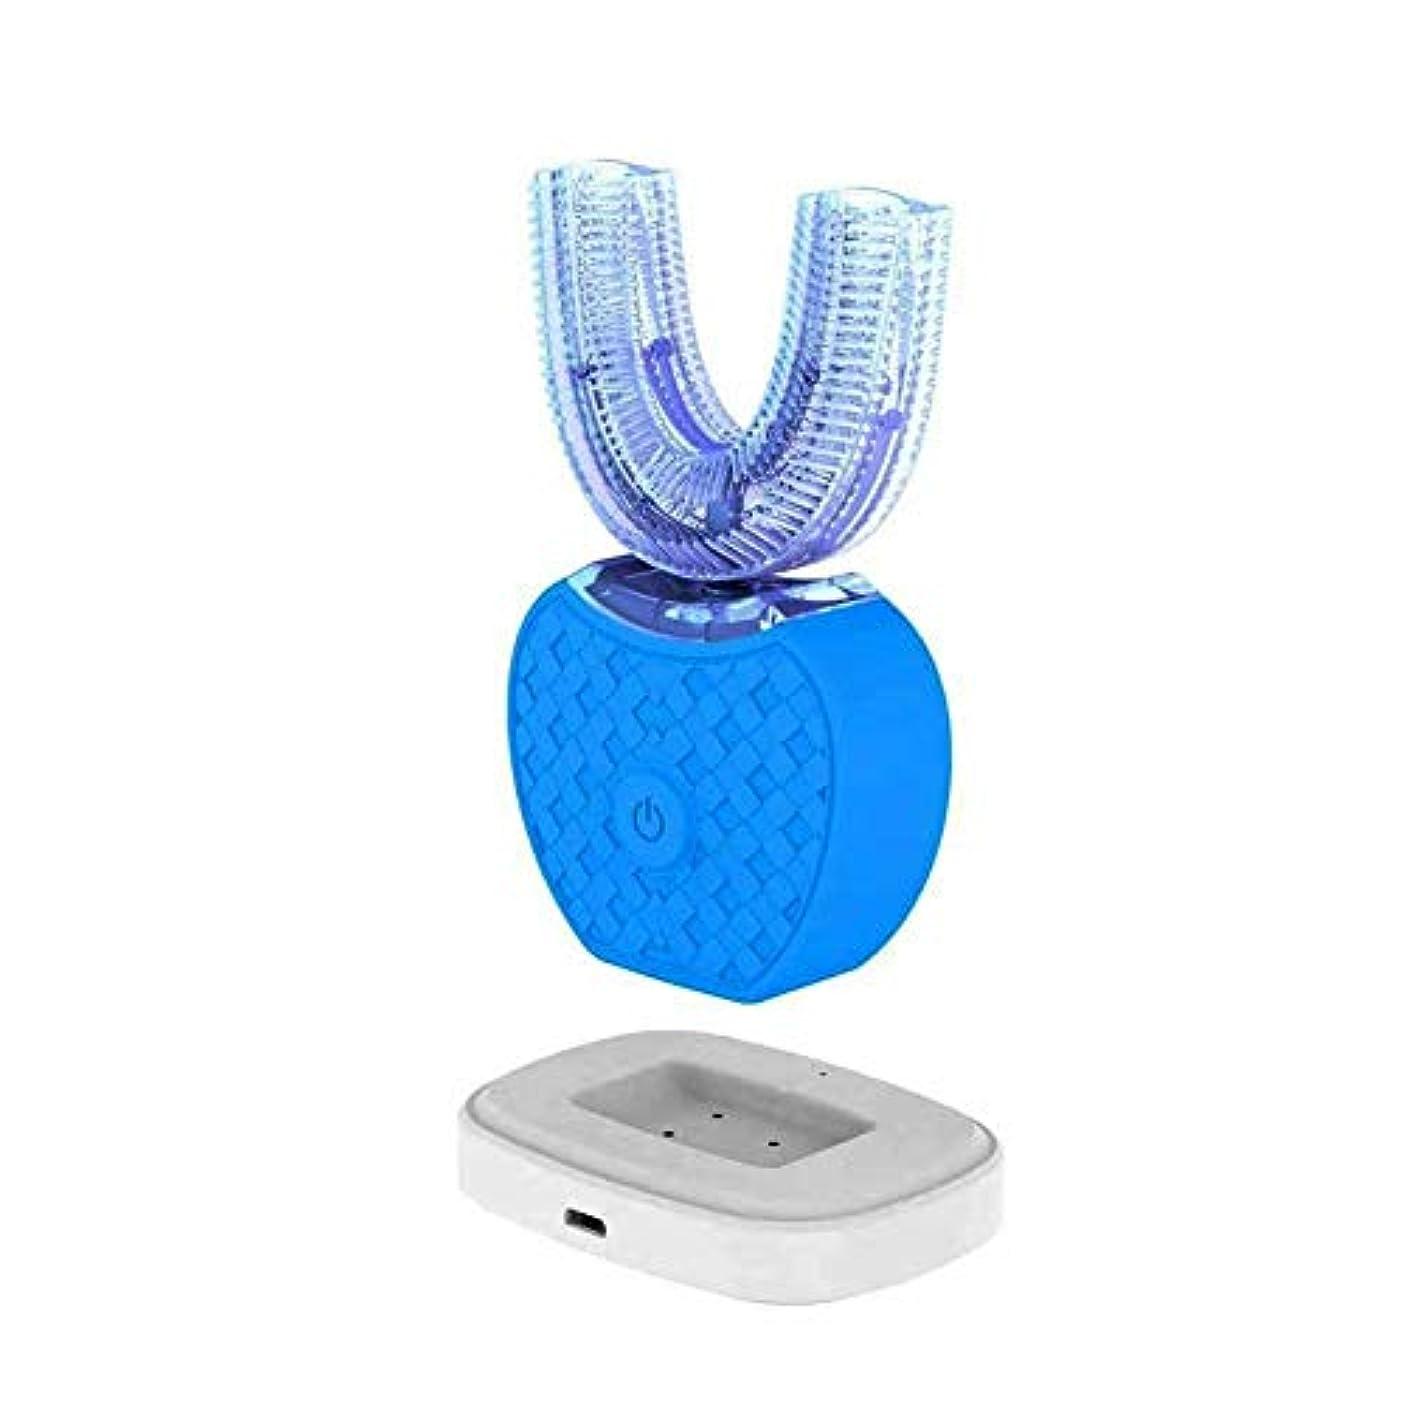 裸動員するインシュレータ新しい電動歯ブラシ、V-white超音波歯ブラシは全自動で360°全方位で洗浄して、歯をきれいにして、歯茎をマッサージして、美白します。 (ブルー) [並行輸入品]